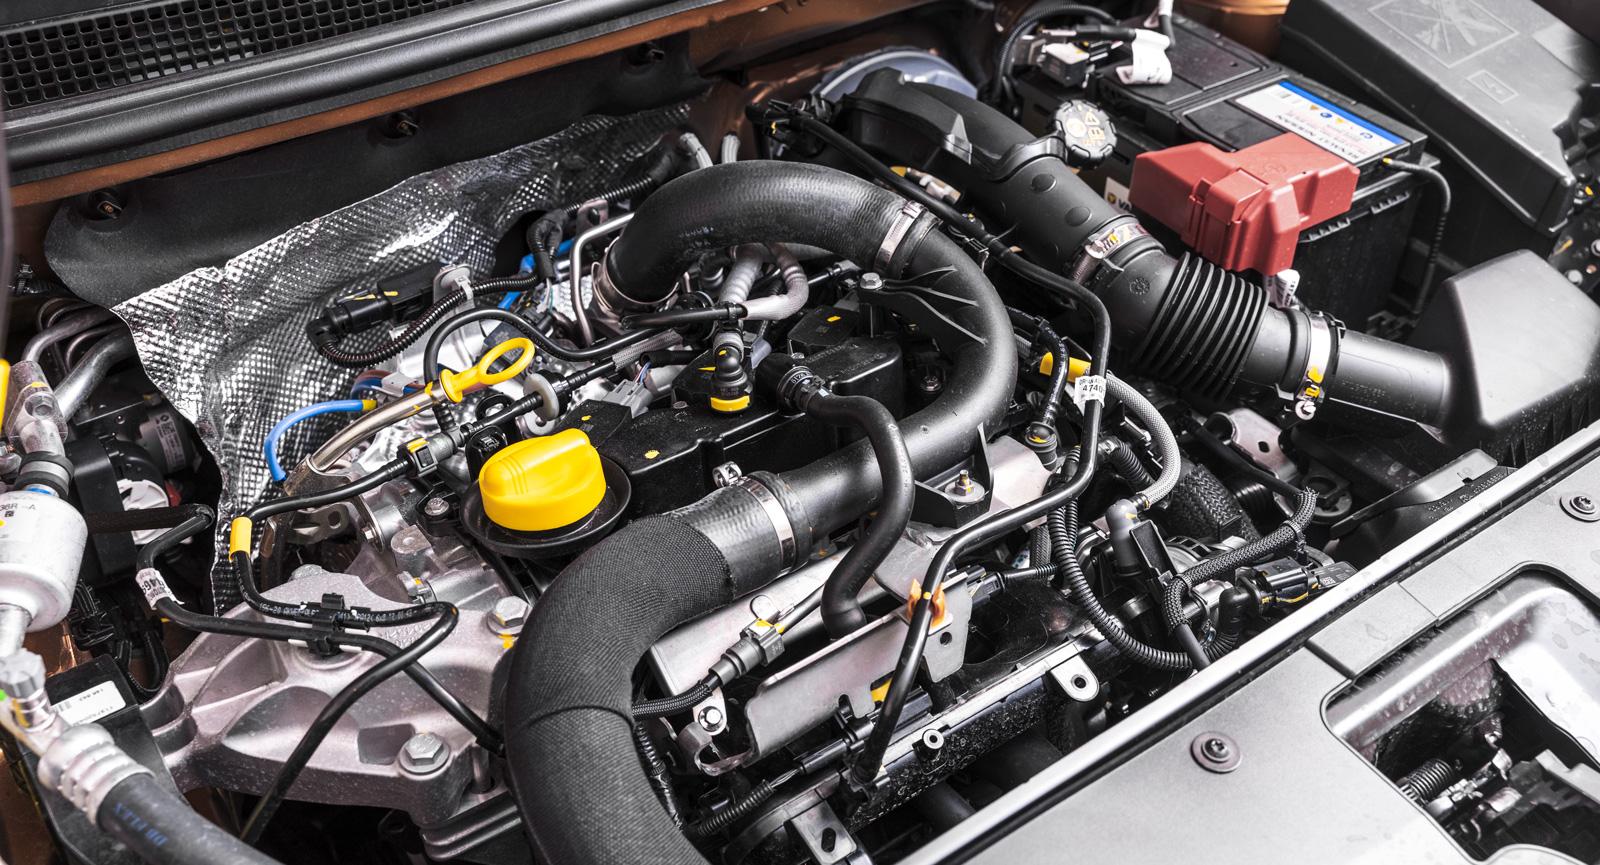 Installationen av den trecylindriga motorn påminner om en tonårings rum – kaos.